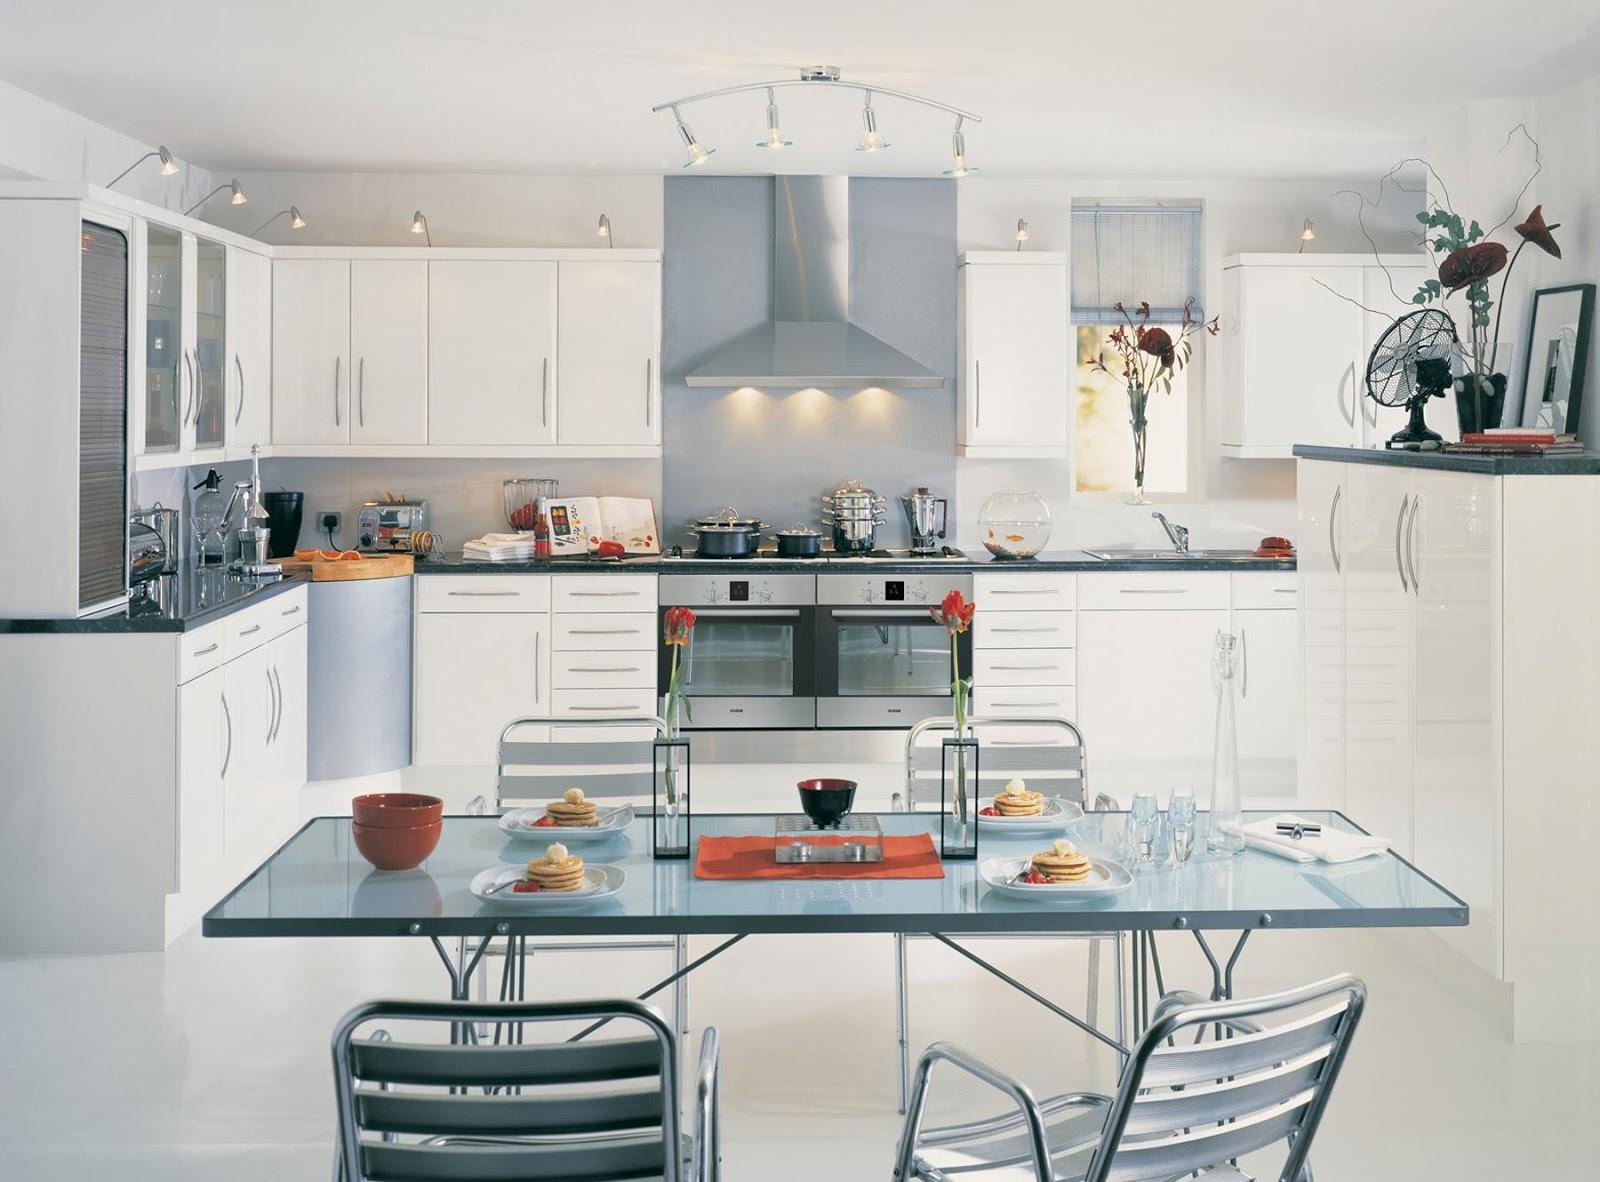 Arredare Cucina Piccola. Amazing Come Arredare Una Cucina Piccola ...